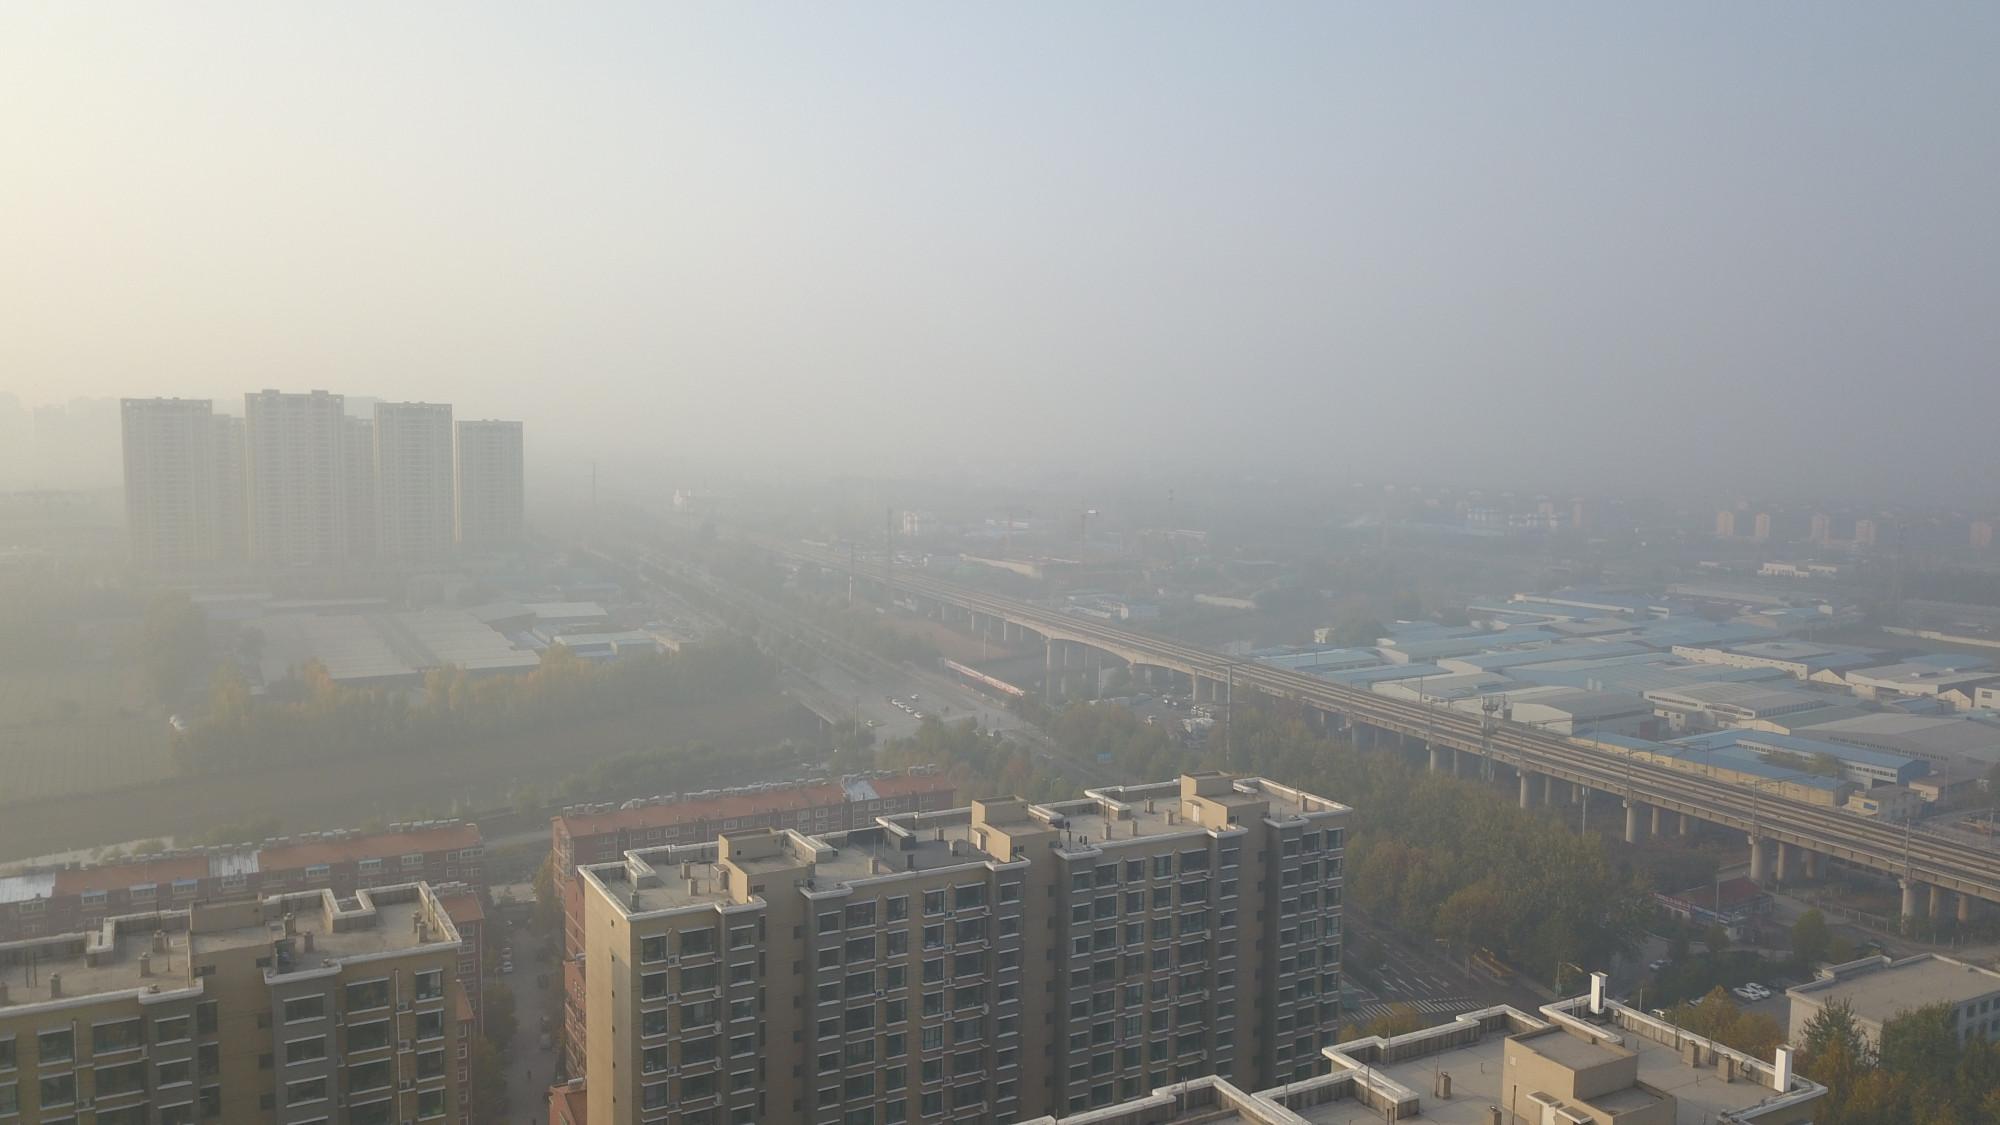 组图 | 雾蒙蒙!济南发布重污染天气橙色预警